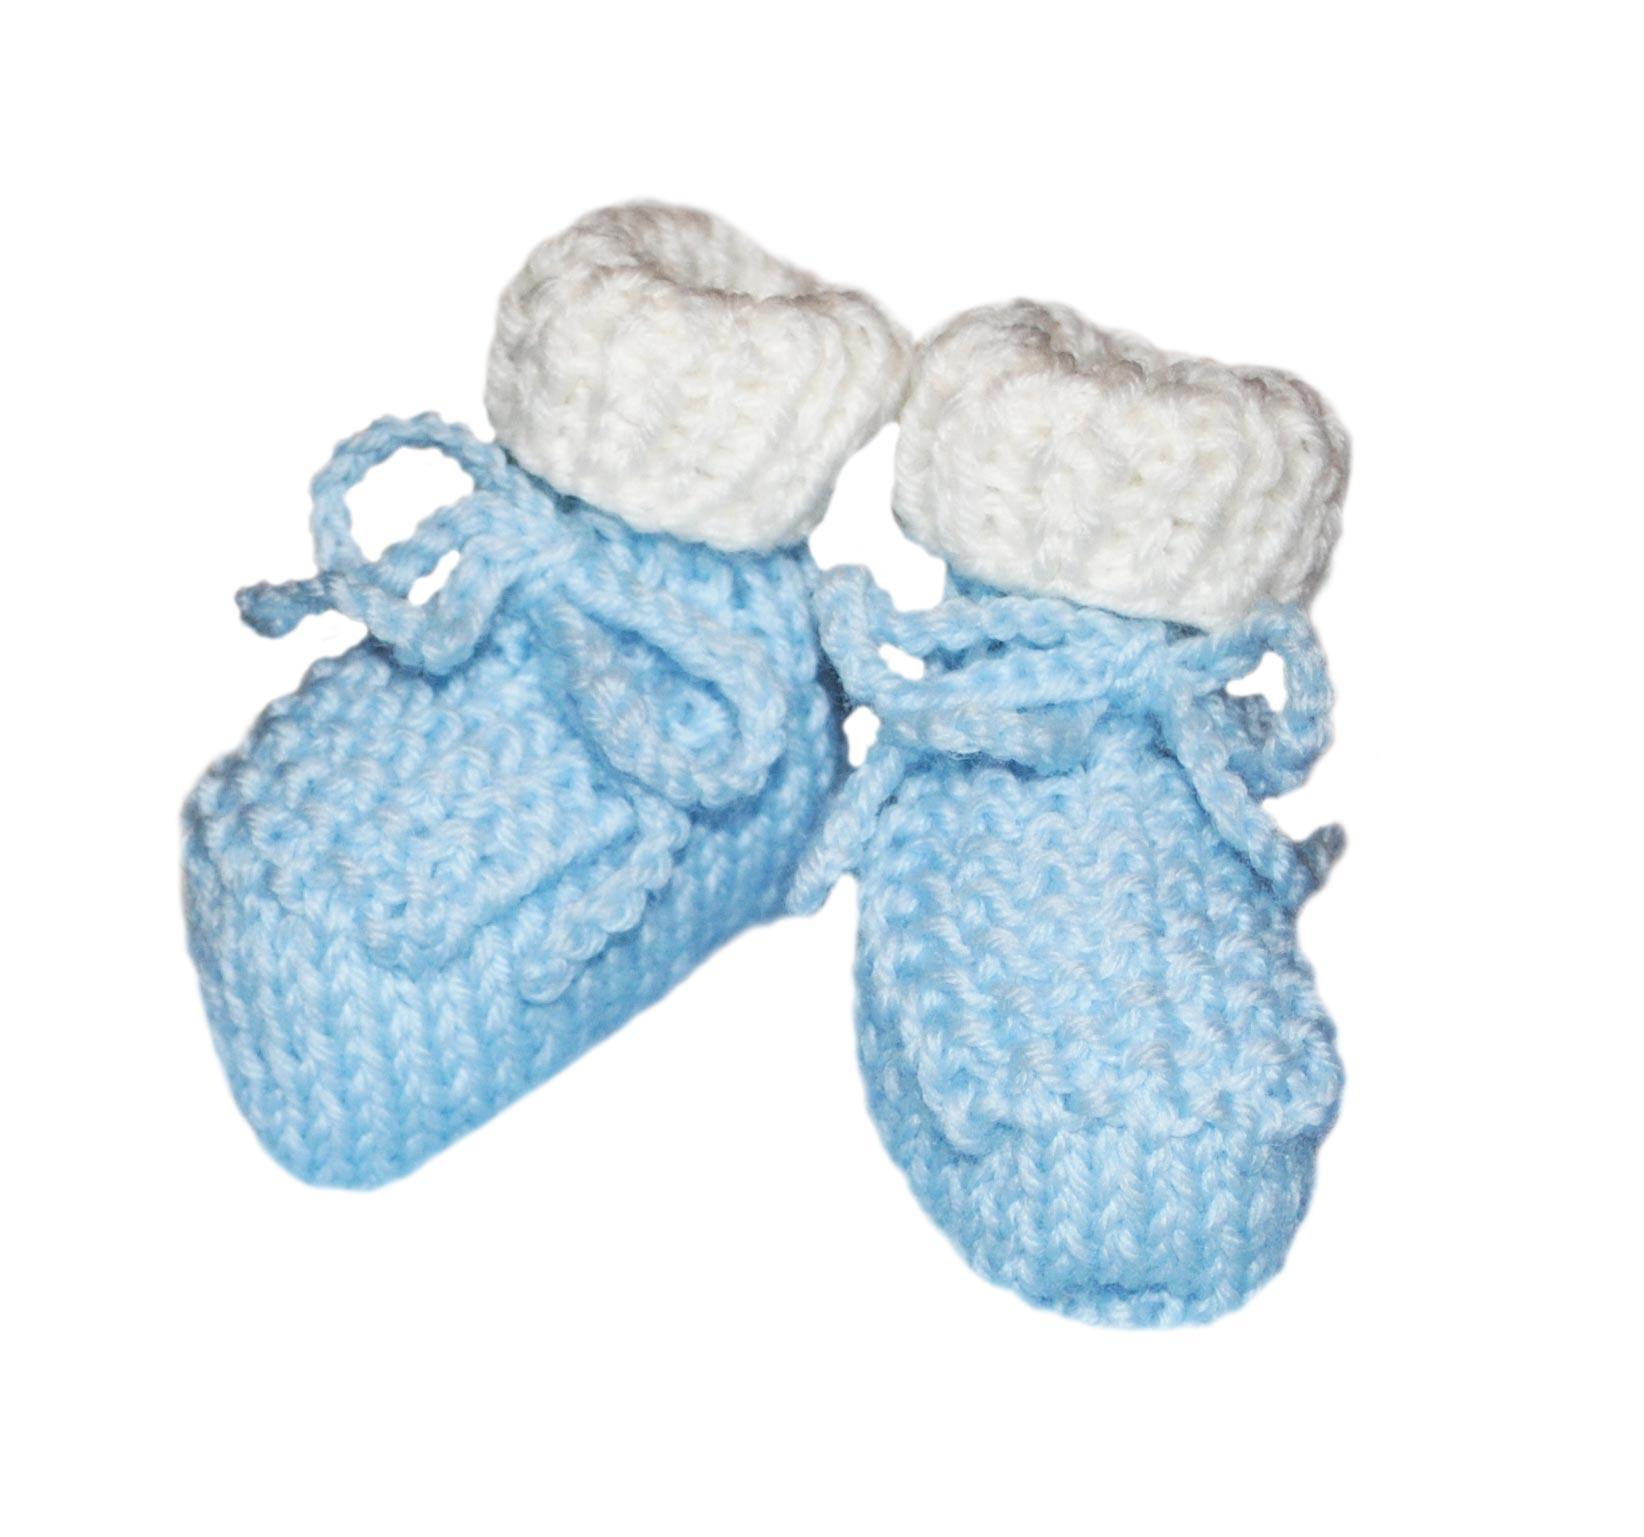 Scarpine neonato lana bianco azzurro chicco riso | Bimbi A Colori